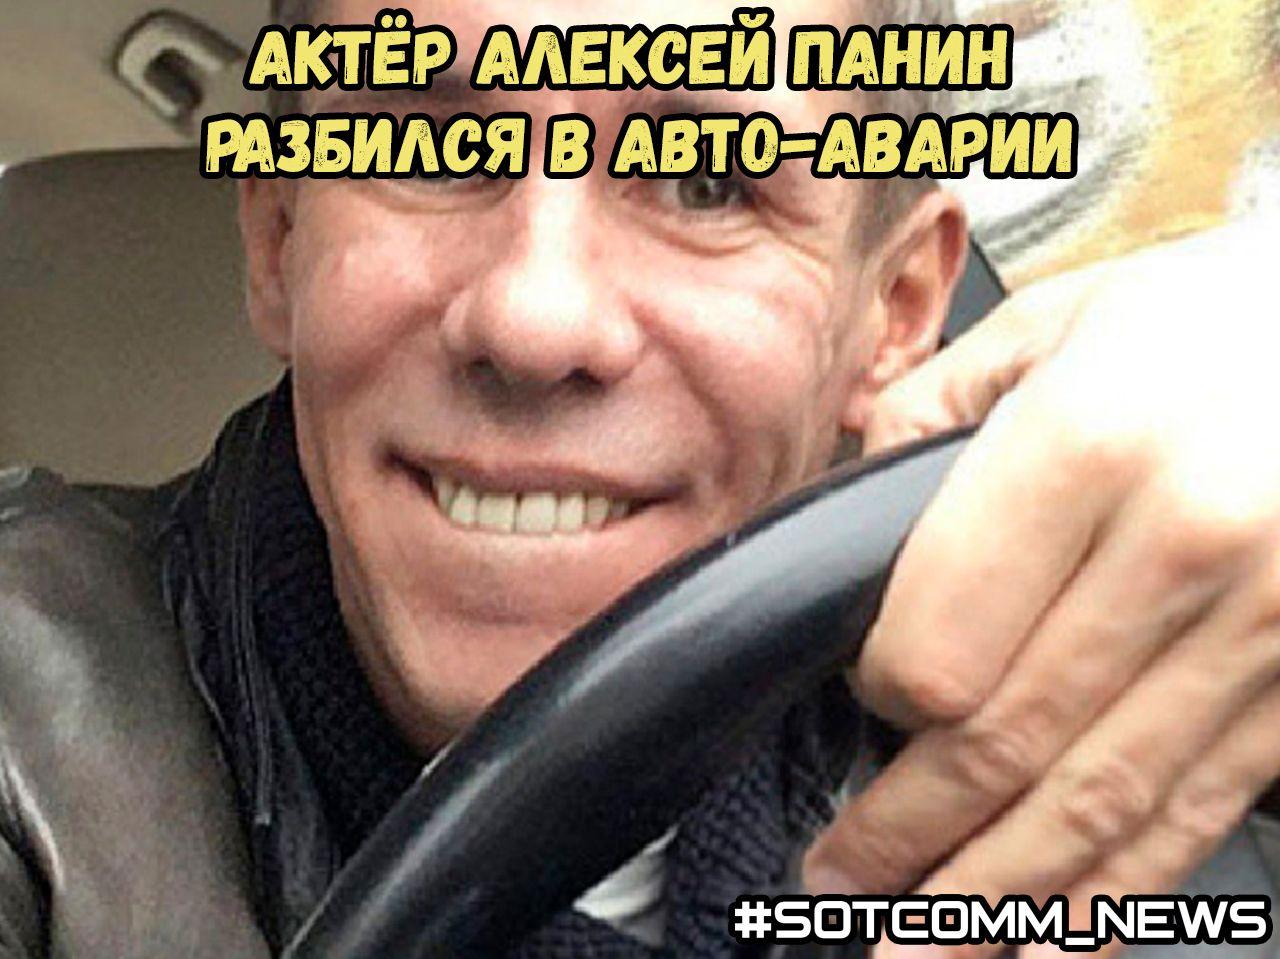 Актёр Алексей Панин разбился в авто-аварии